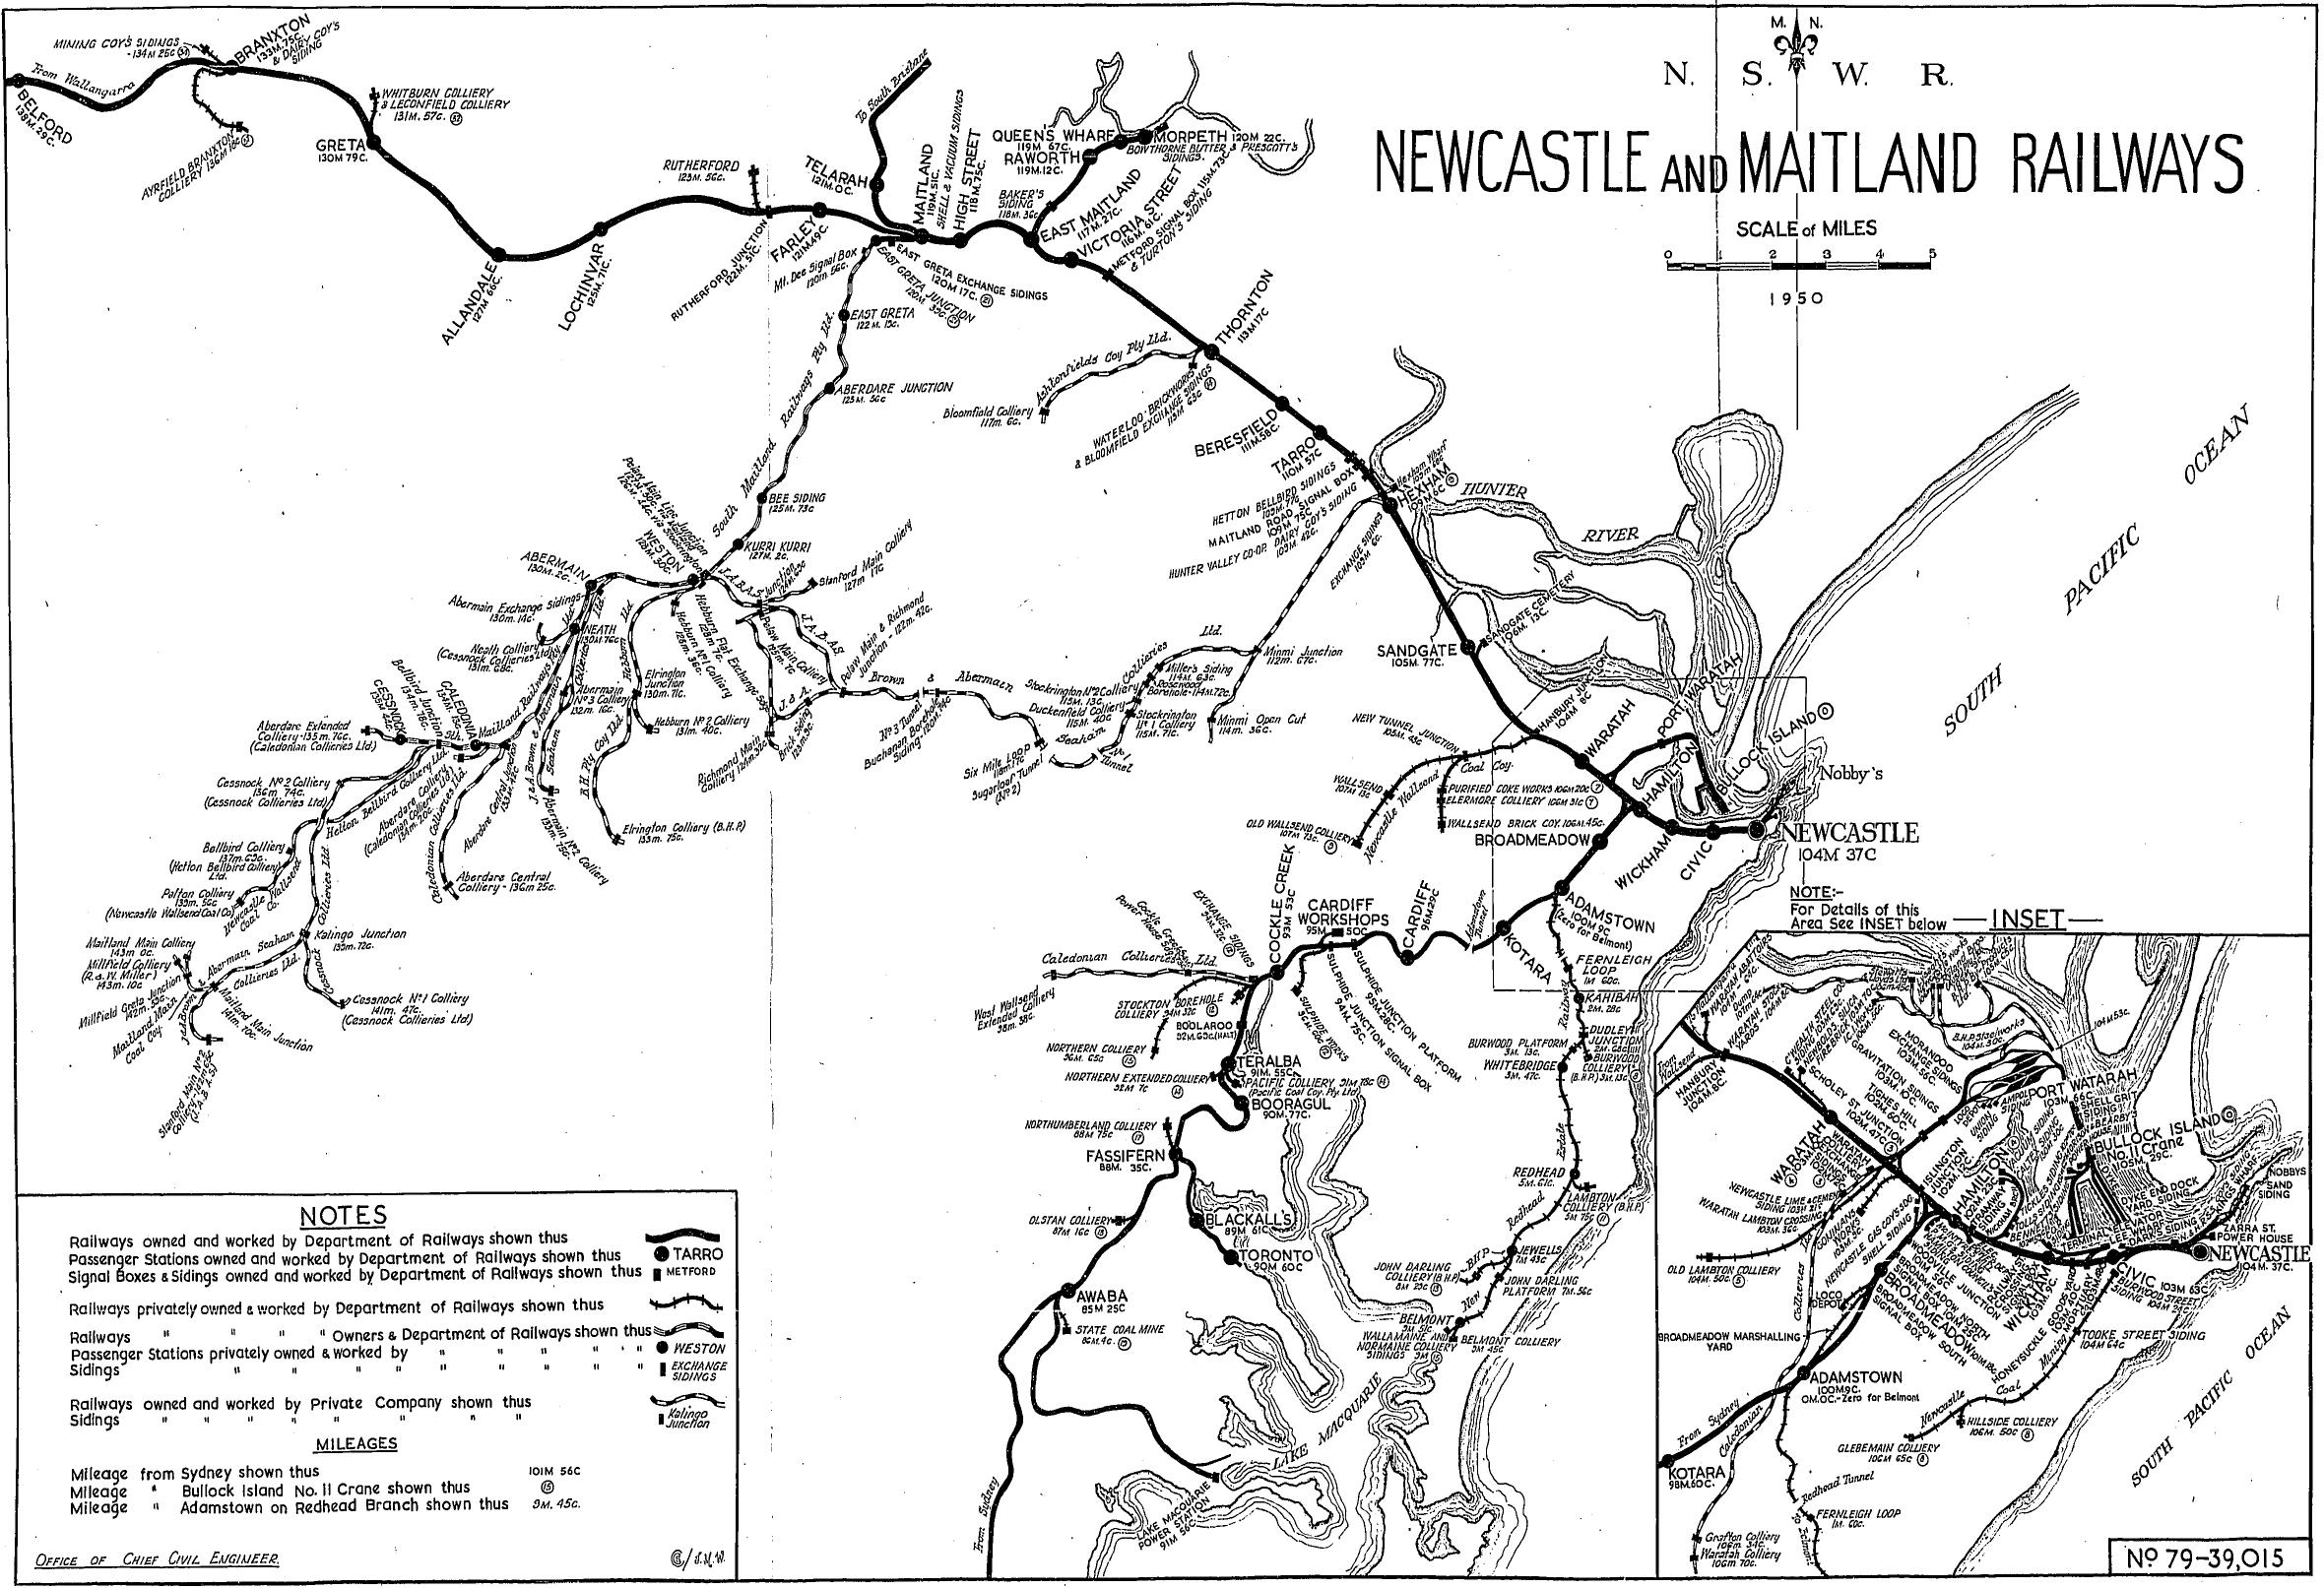 Railway Locations